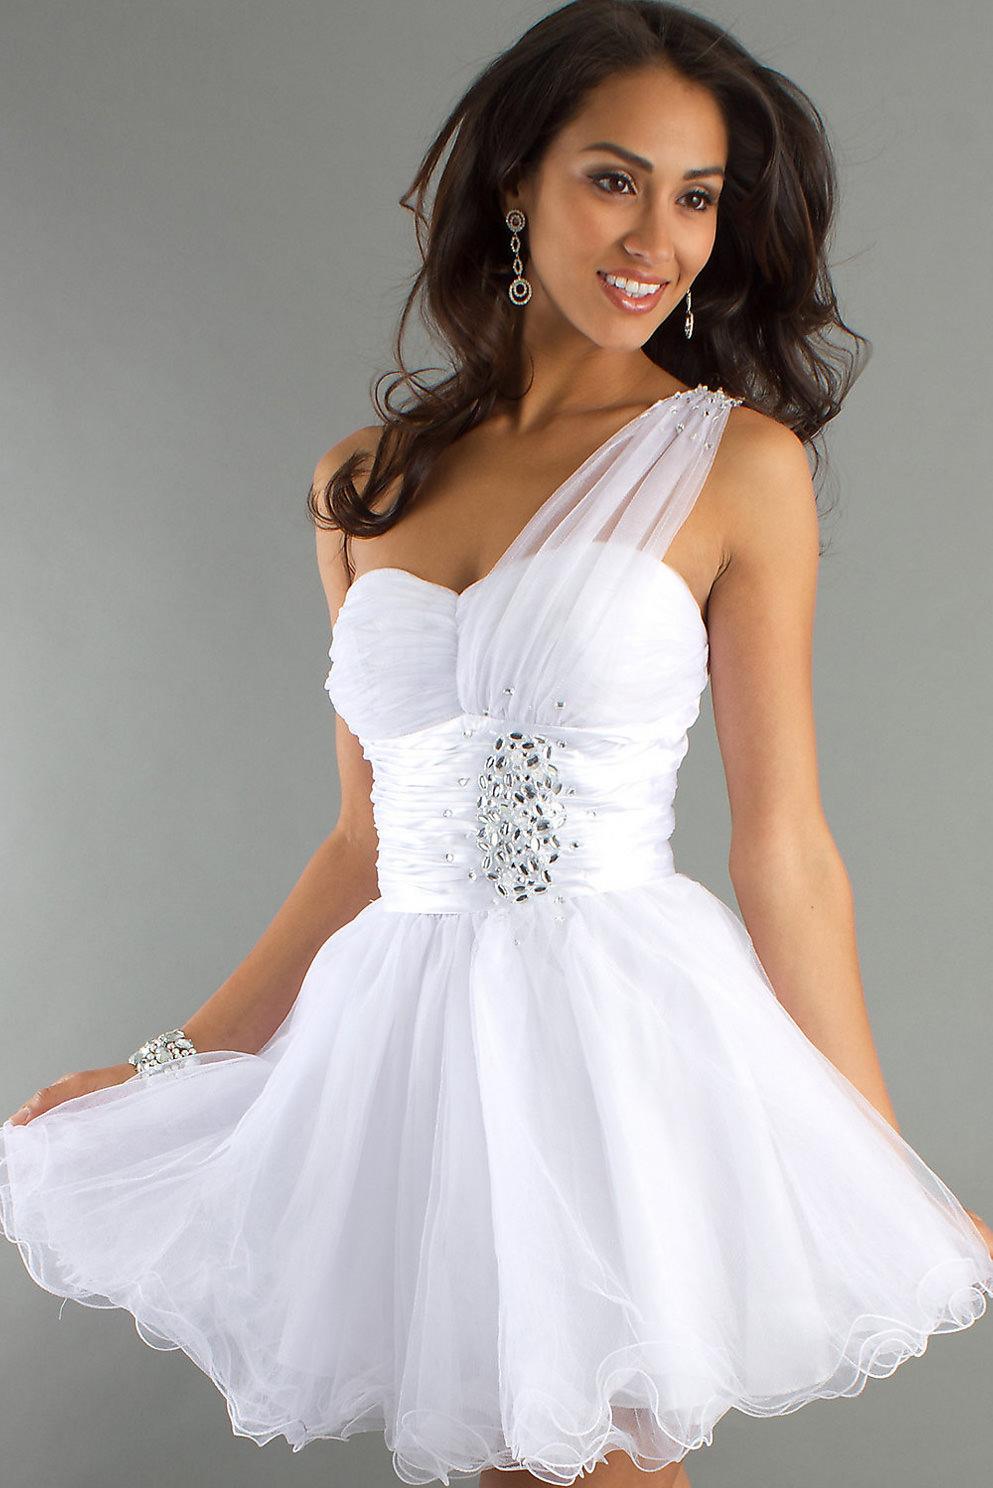 cocktail-white-dresses-v23pzw2bexk